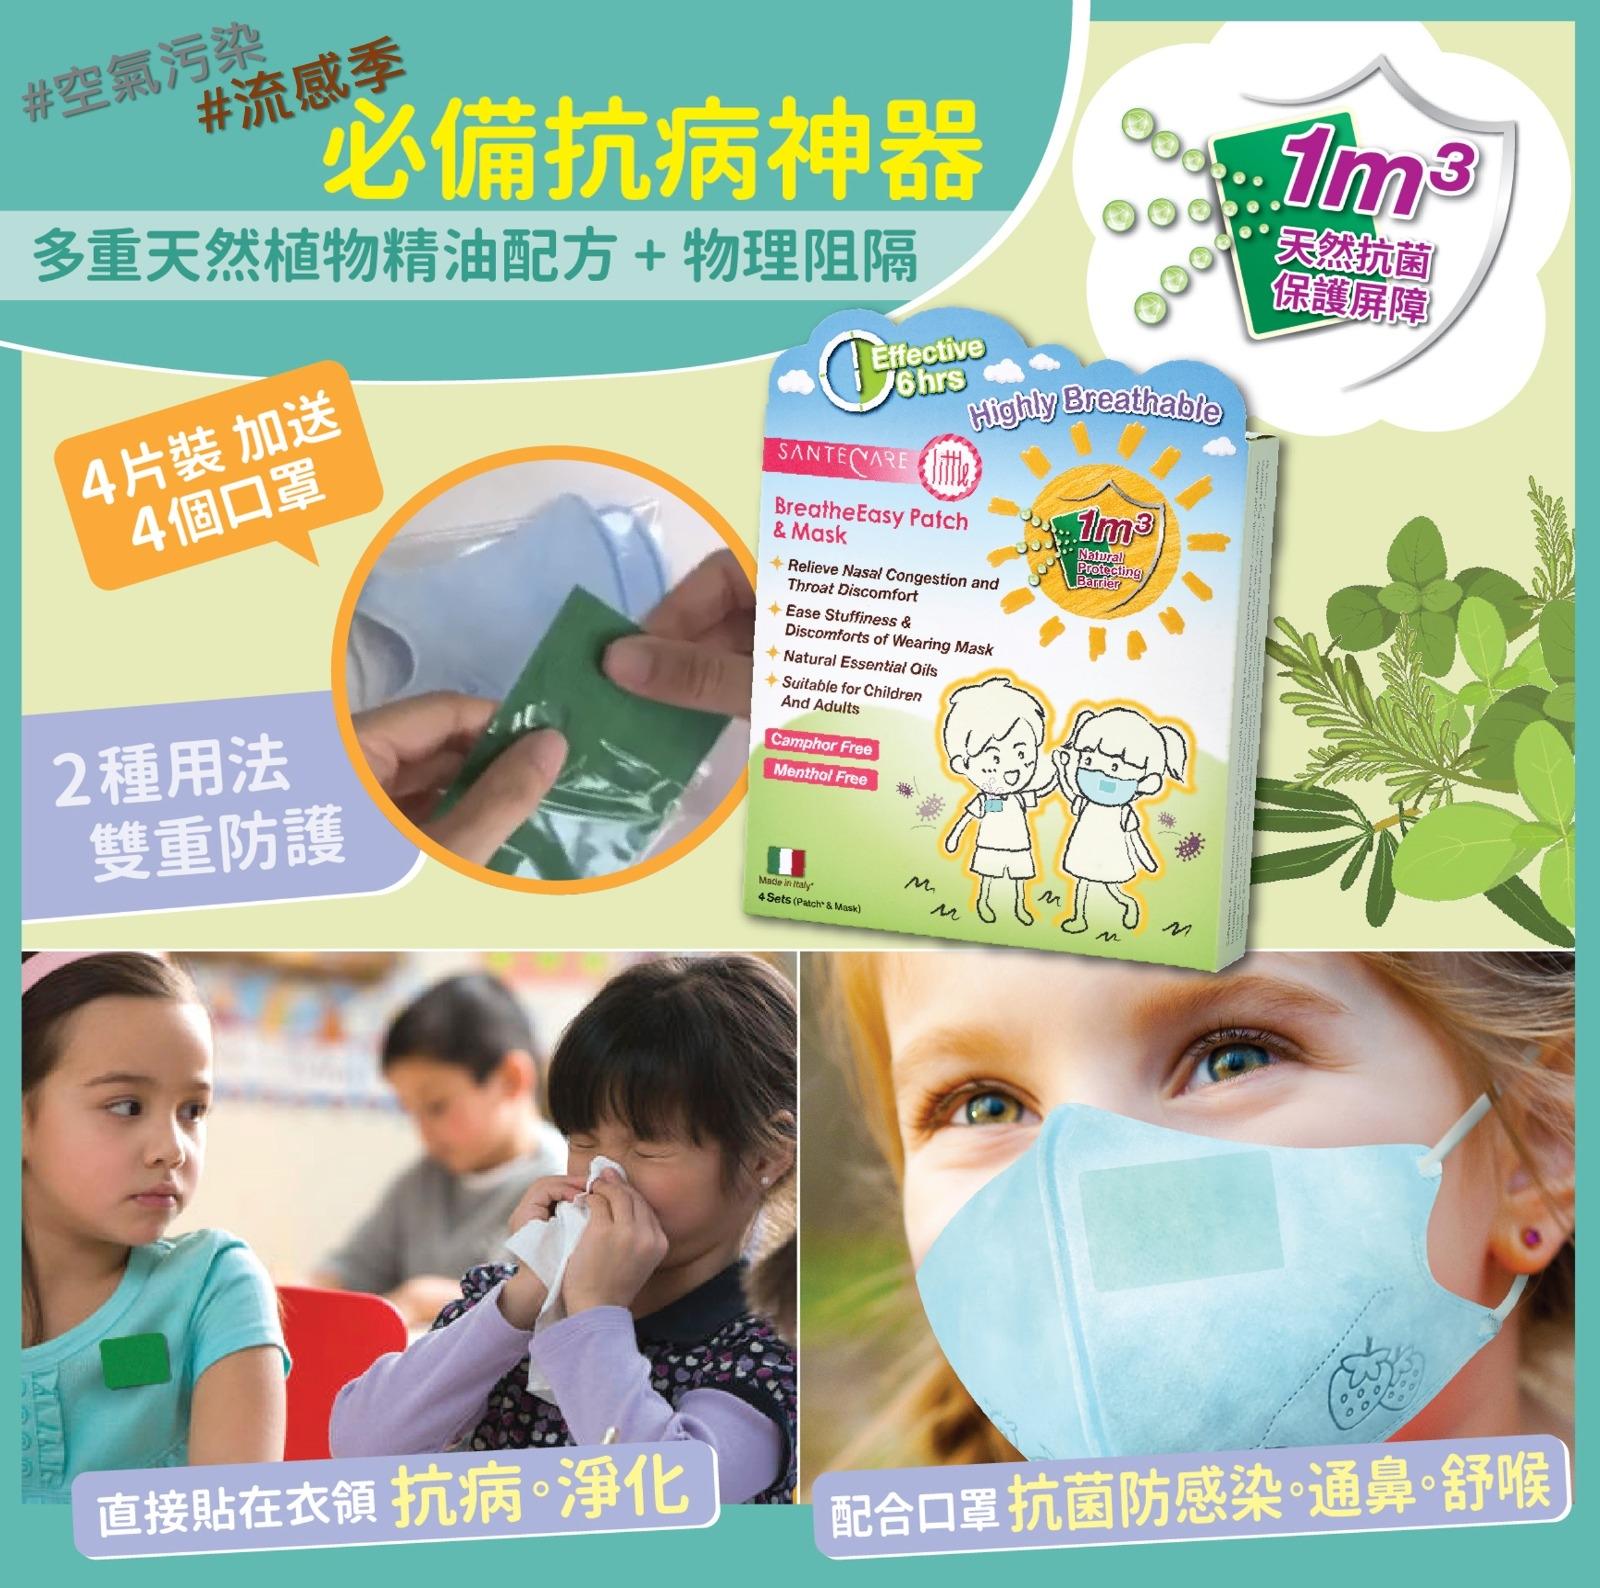 尚護健呼暢貼 (4片裝加送4個口罩)